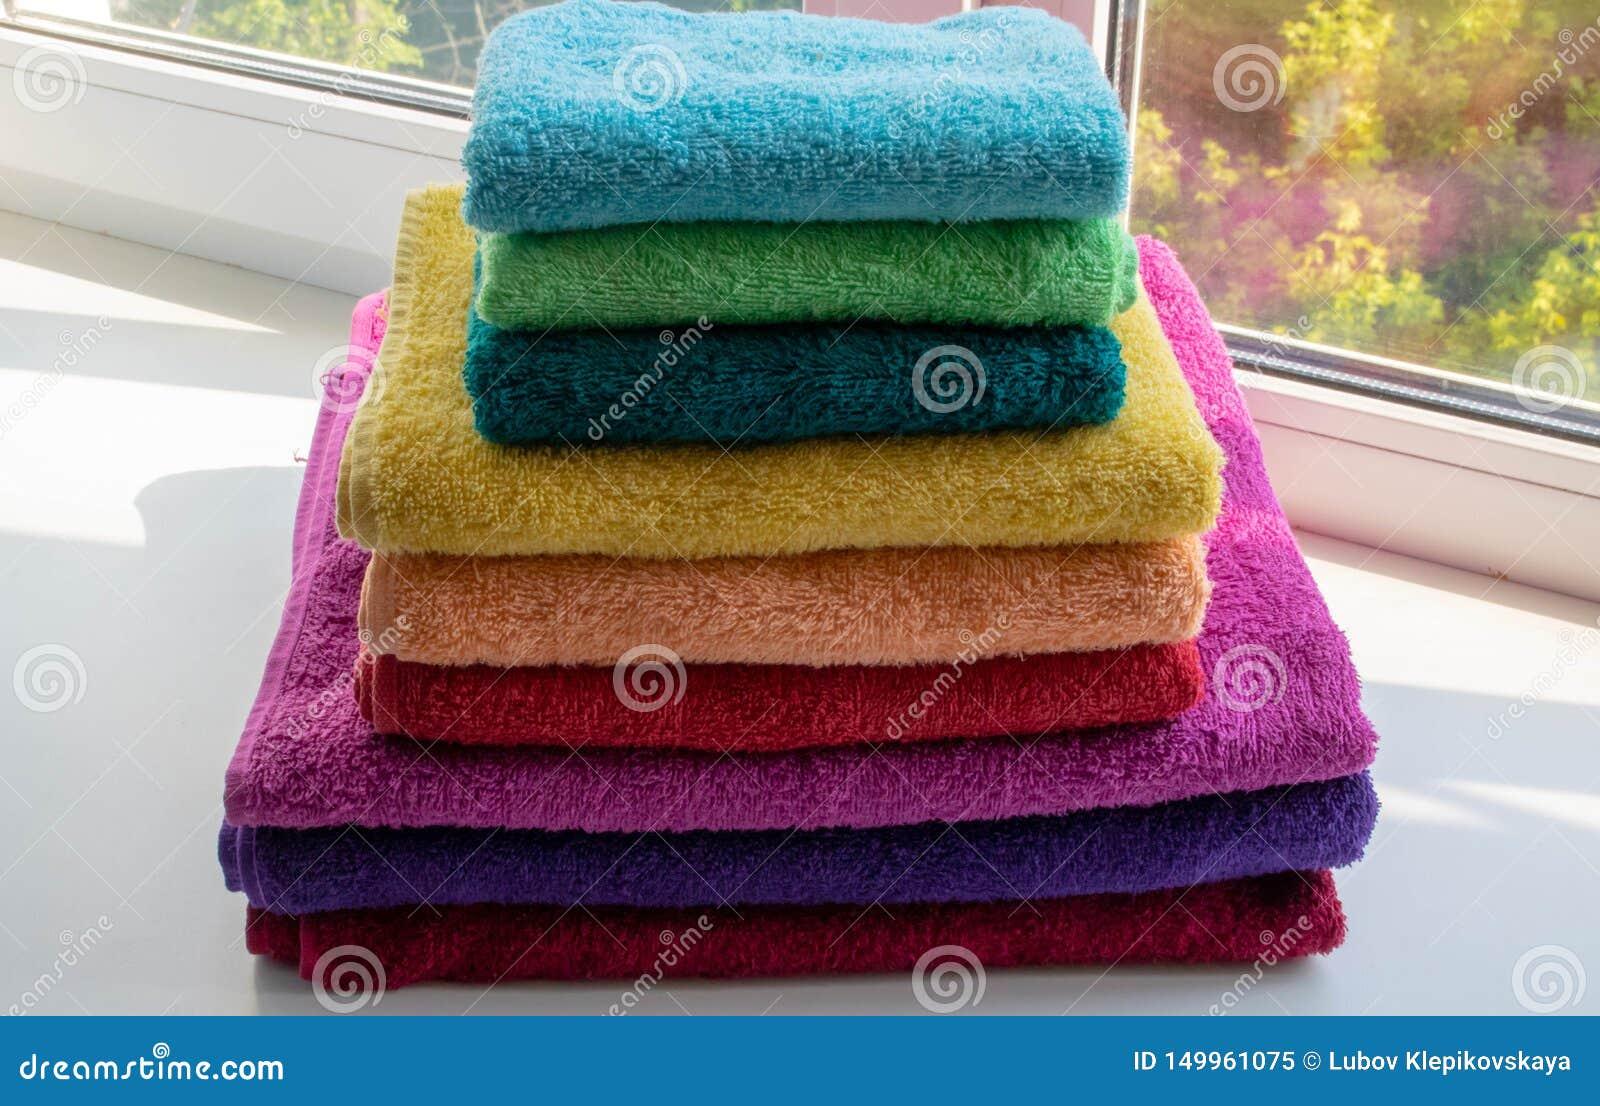 Mång--färgade dubbla handdukar i en bunt på fönstret